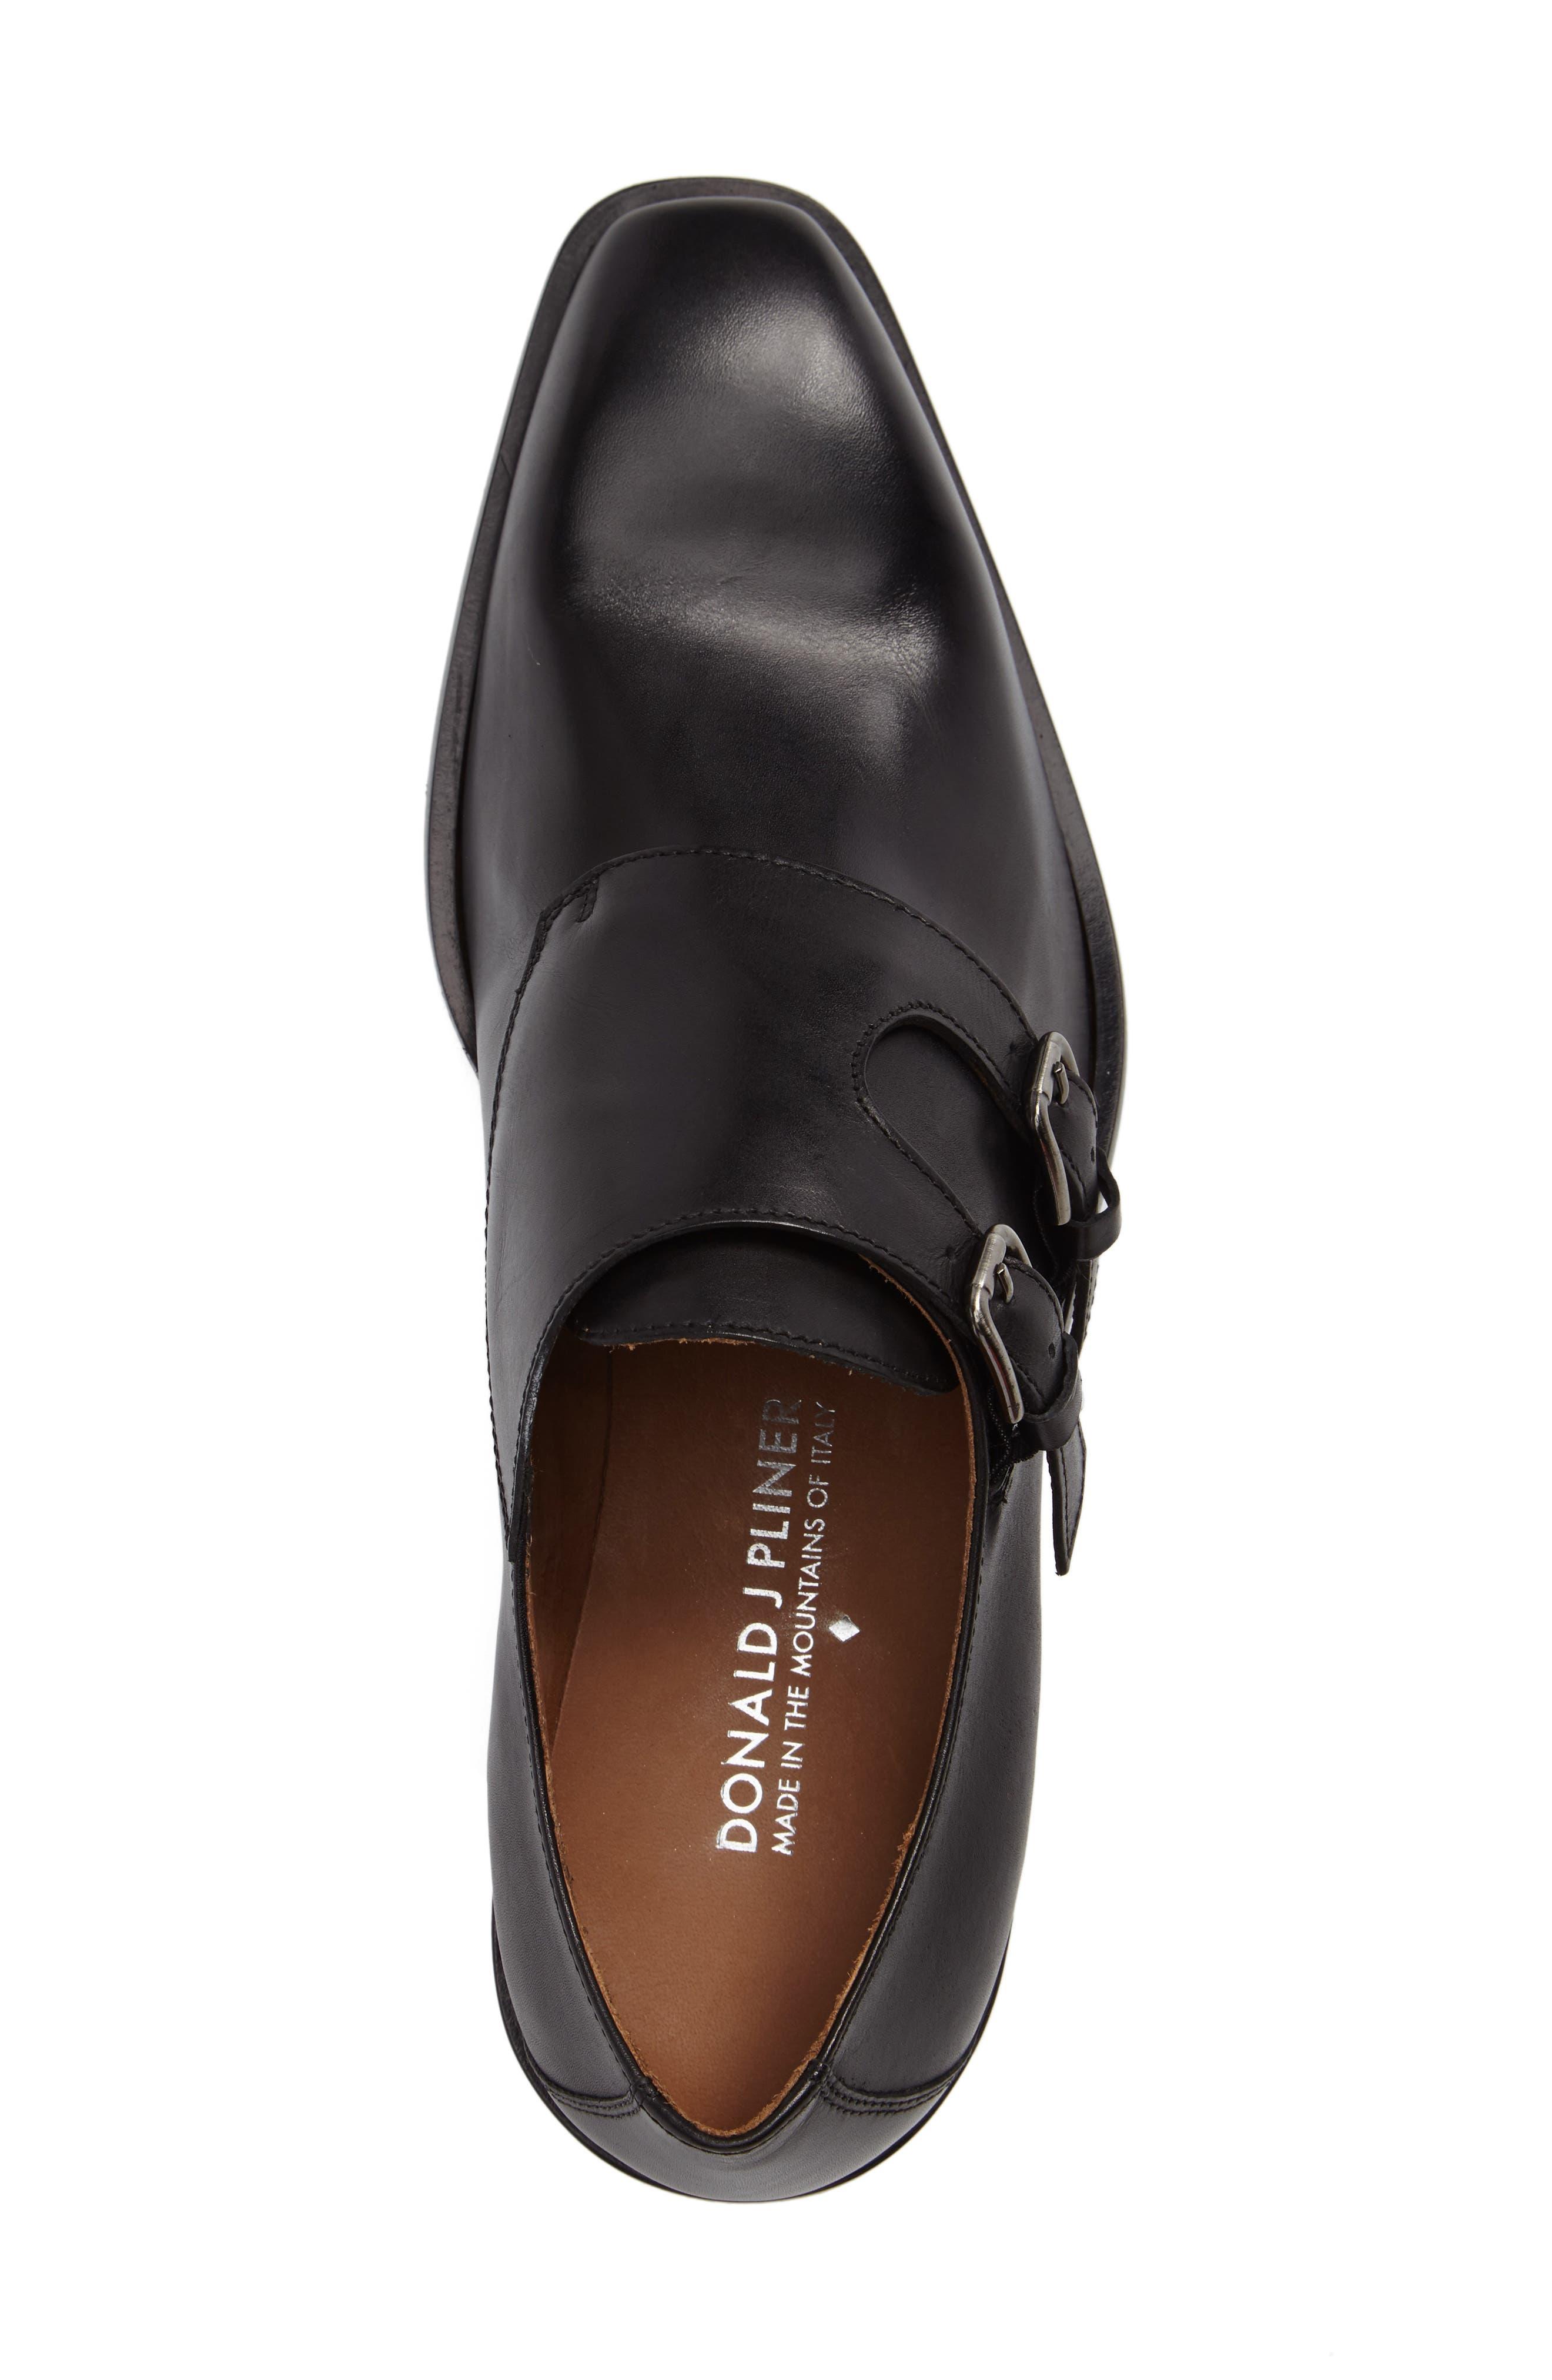 Vivaldo Venetian Loafer,                             Alternate thumbnail 4, color,                             Black Leather